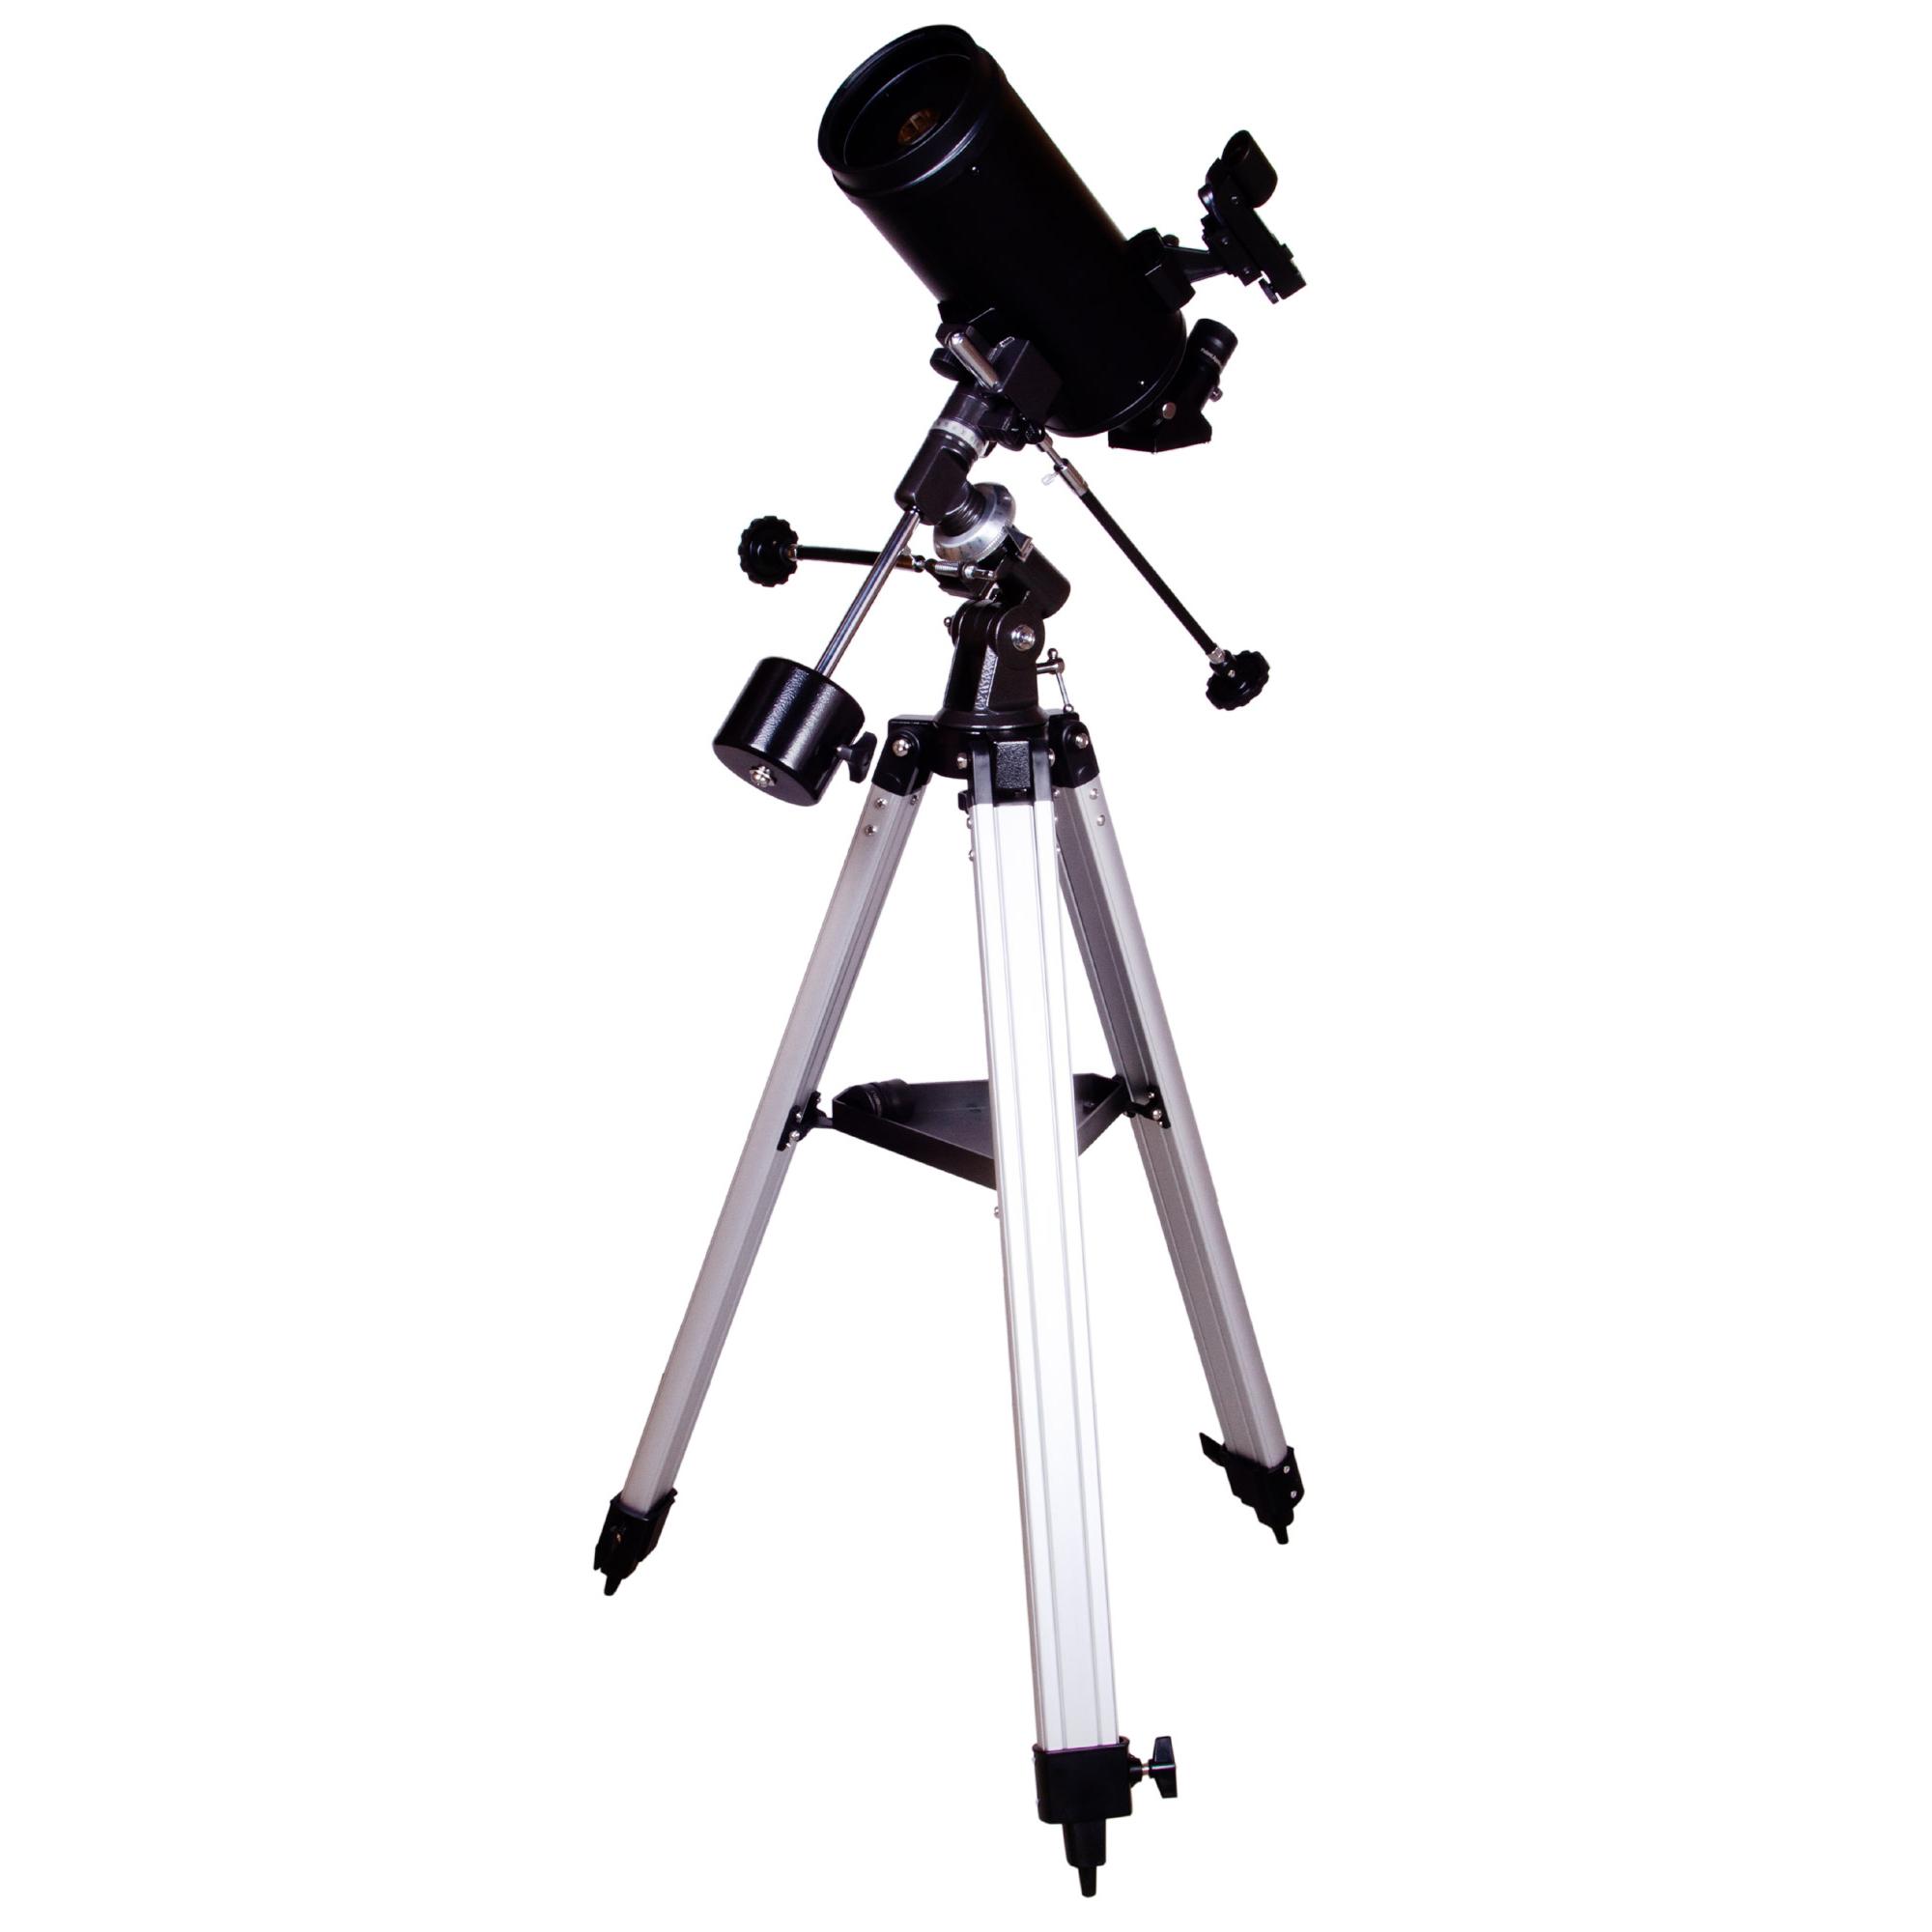 Фото - Телескоп Levenhuk Skyline PLUS 105 MAK (+ Книга знаний «Космос. Непустая пустота» в подарок!) дефлектор капота skyline mitsubishi lancer 10 2007